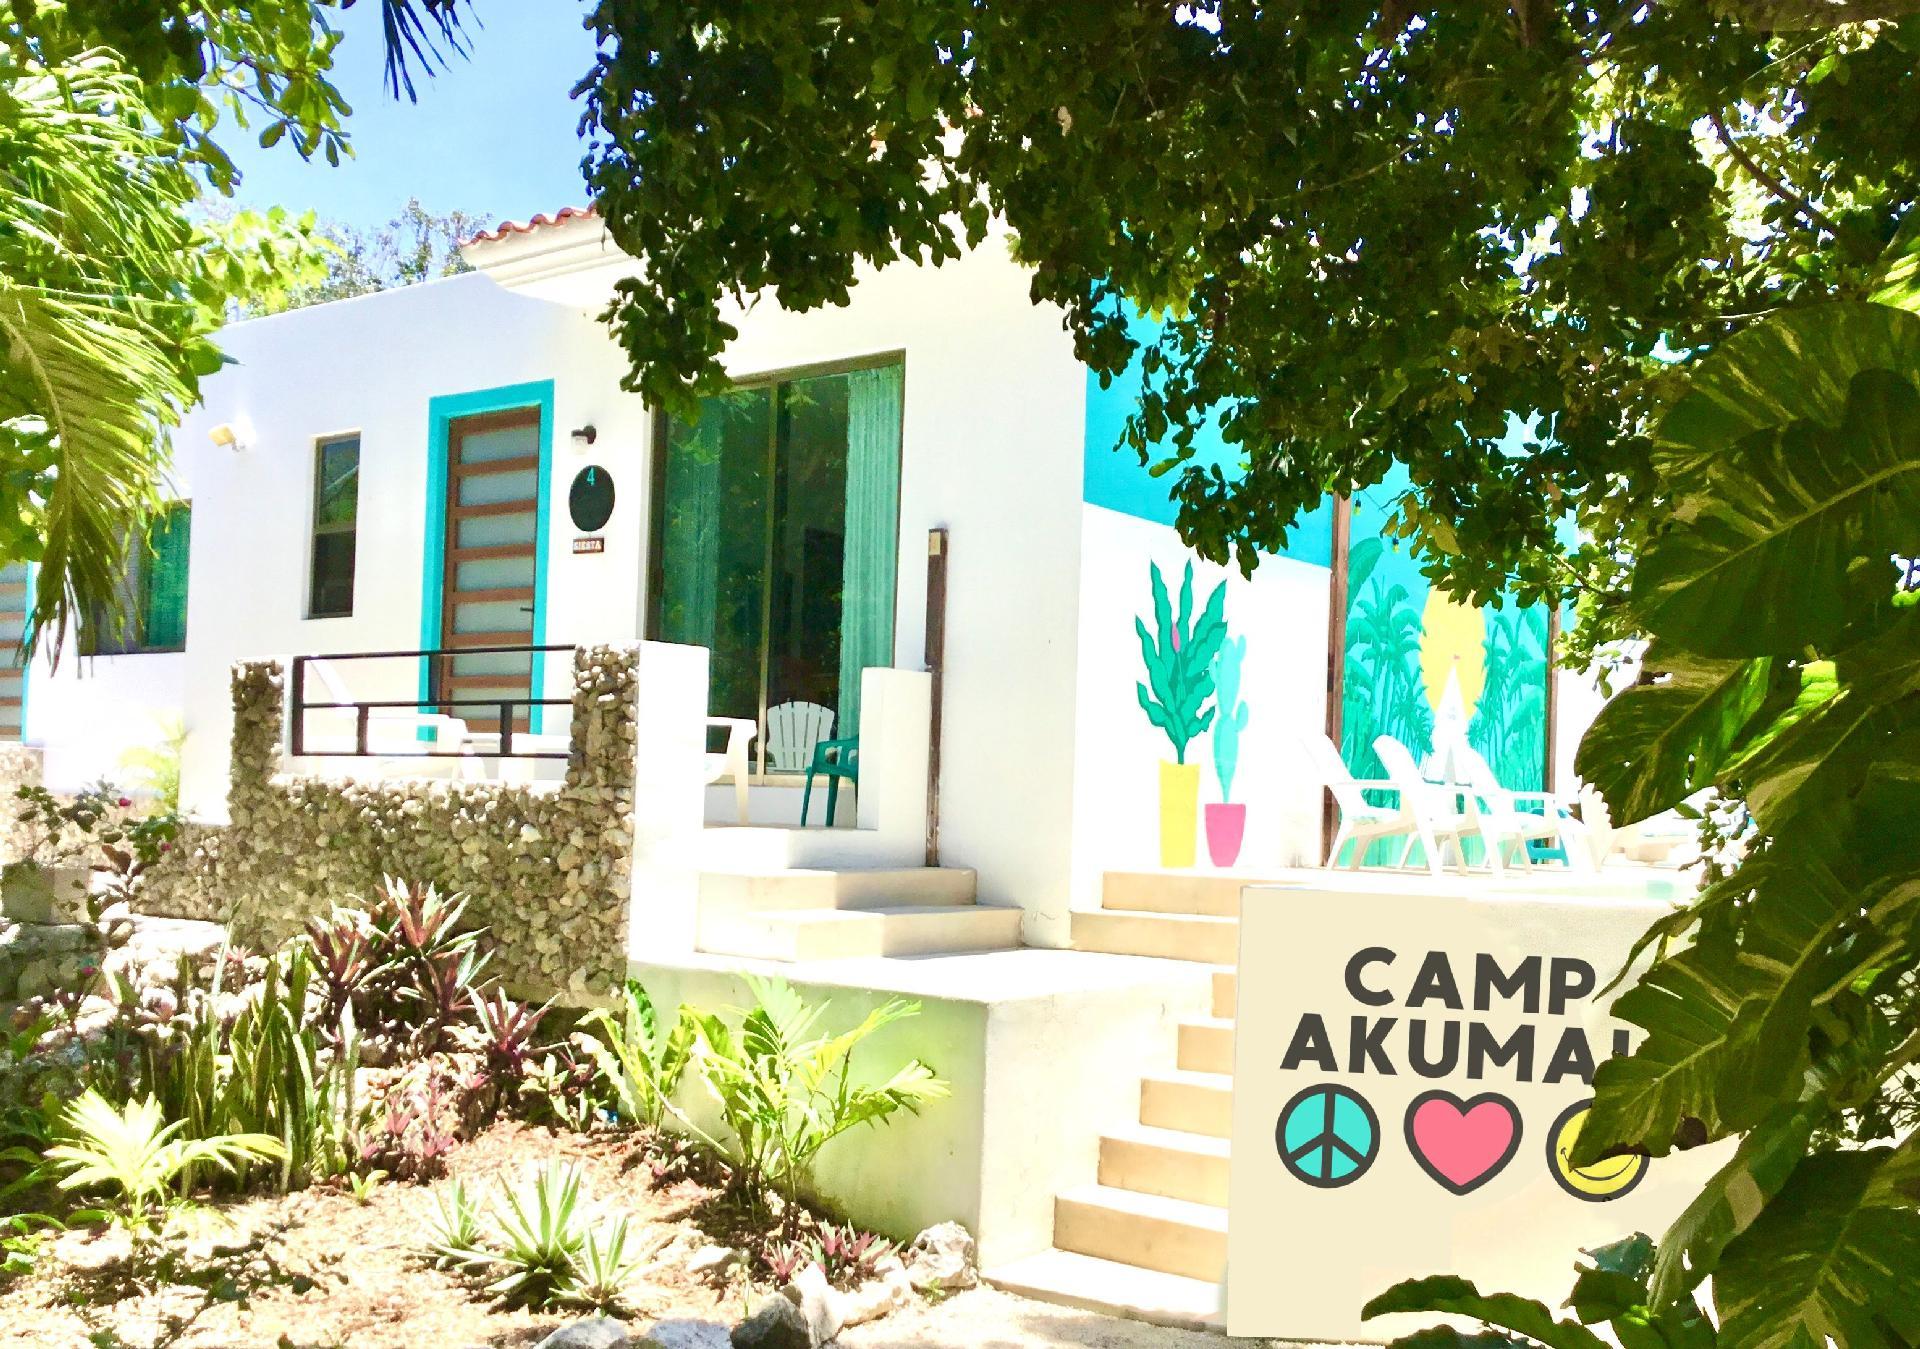 Ferienhaus für 4 Personen  + 1 Kind ca. 49 m&  in Mittelamerika und Karibik